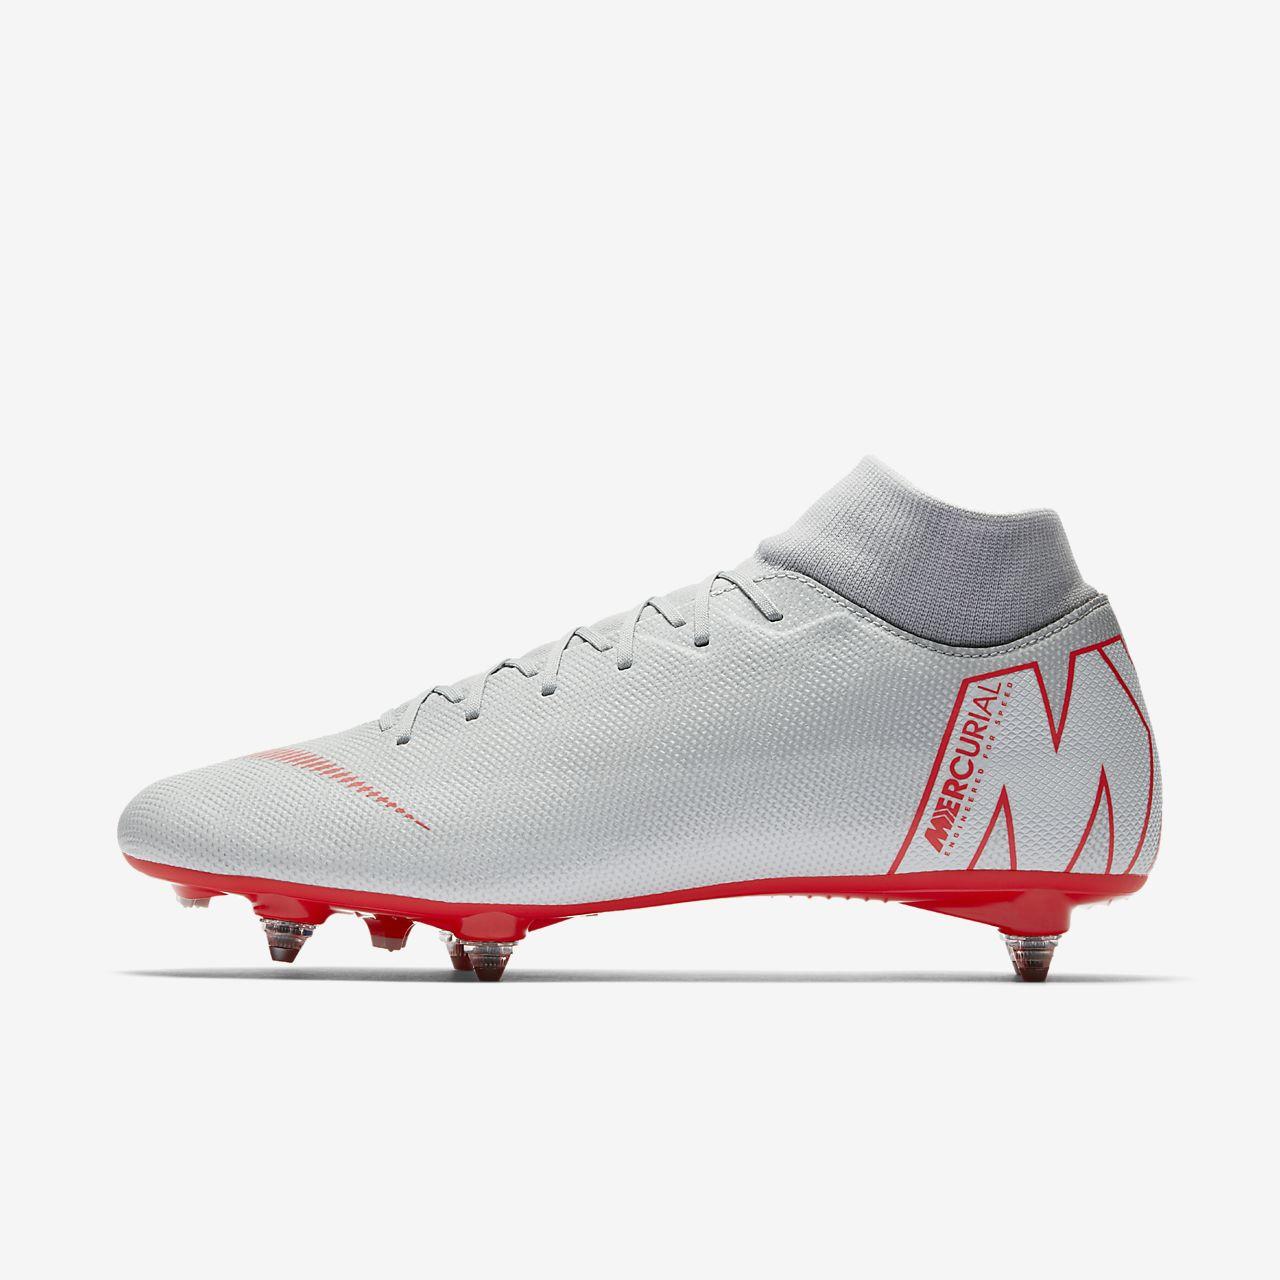 Calzado de fútbol para terreno blando Nike Mercurial Superfly VI